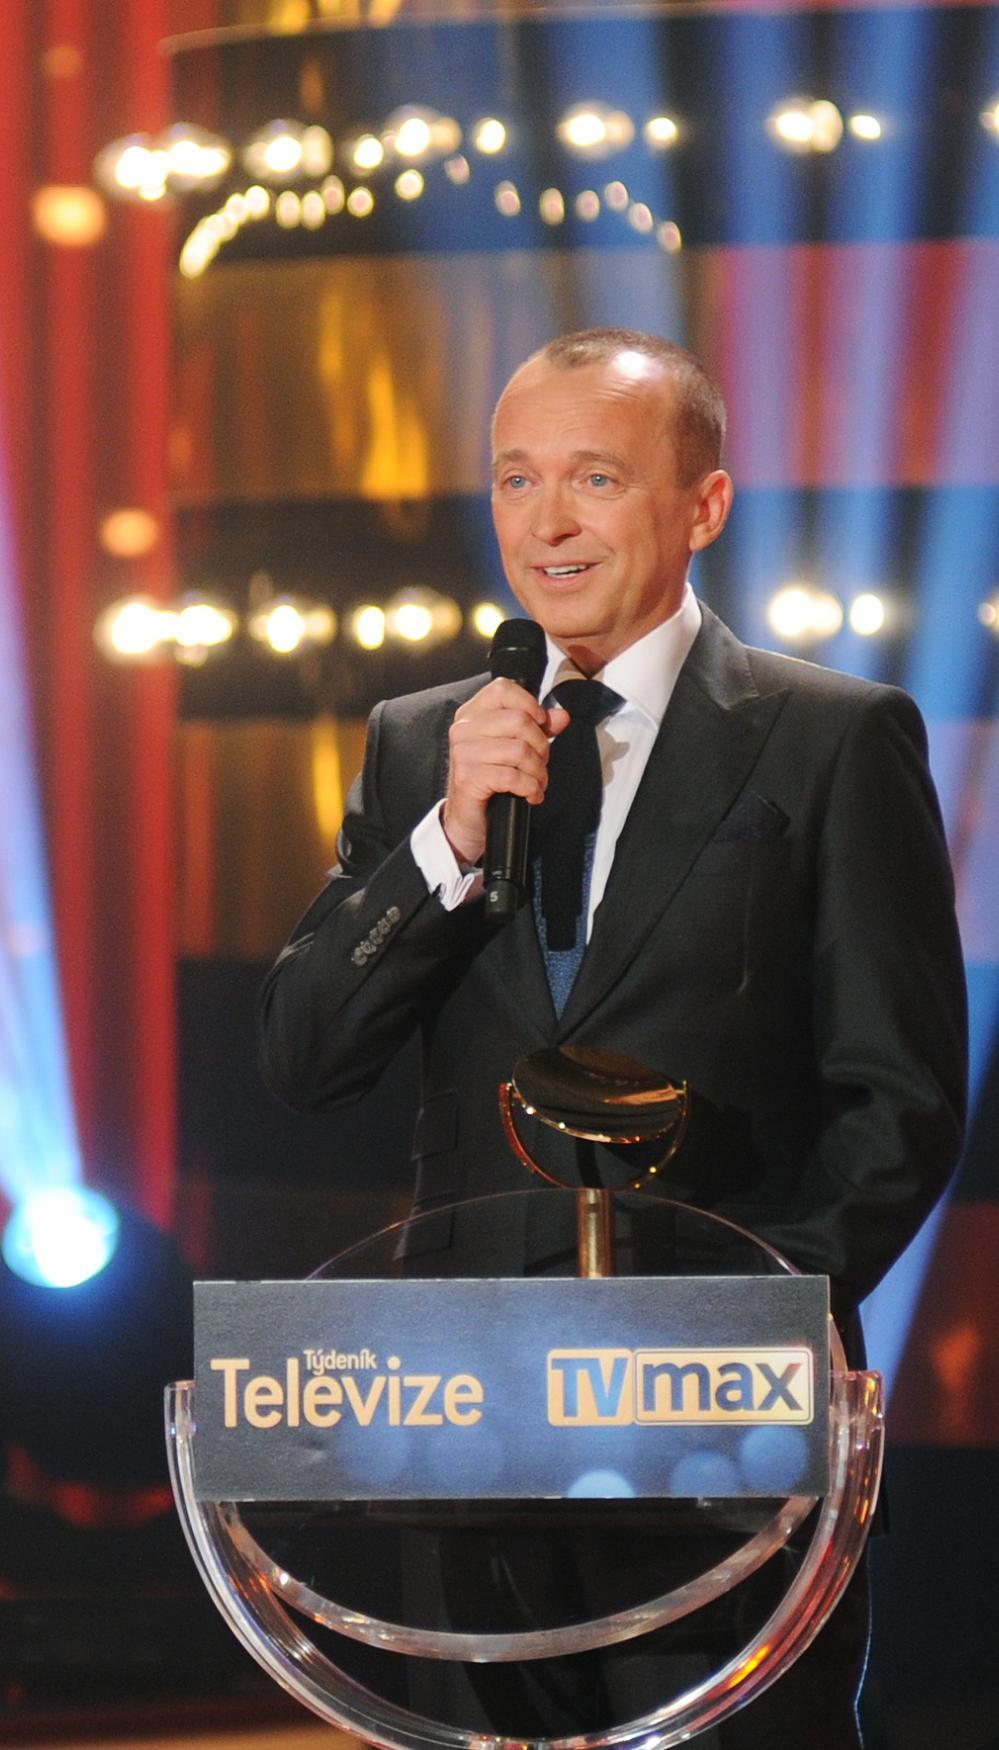 TýTý 2014: Karel Voříšek (osobnost televizního zpravodajství)